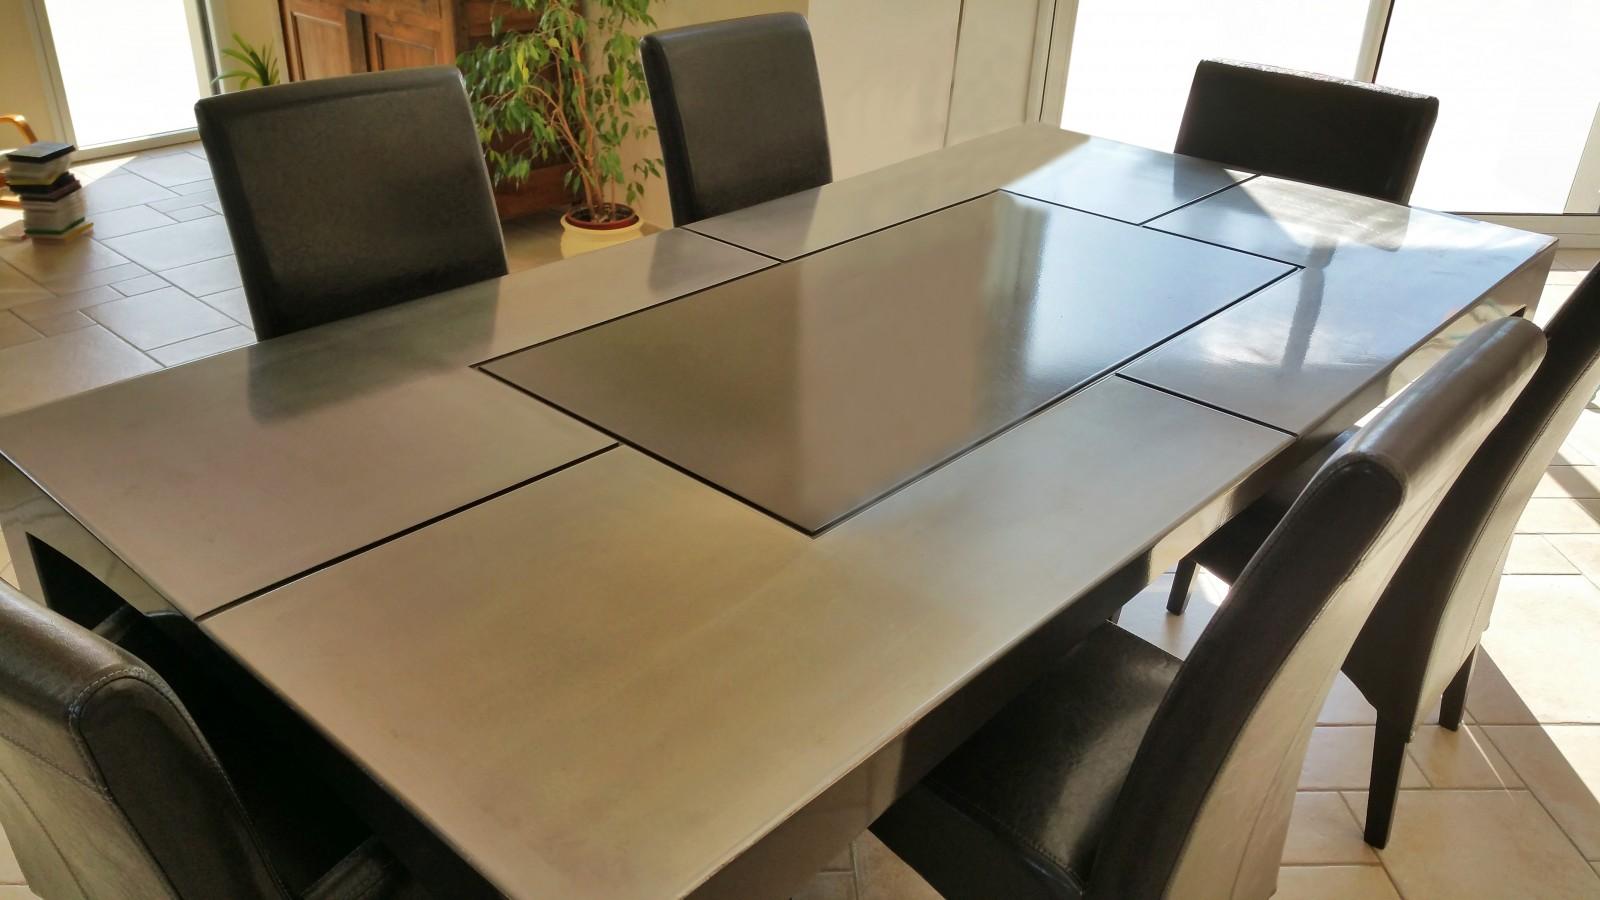 Fabriquer Une Table Basse Avec Une Bobine Sammlung Von Design Zeichnungen Als